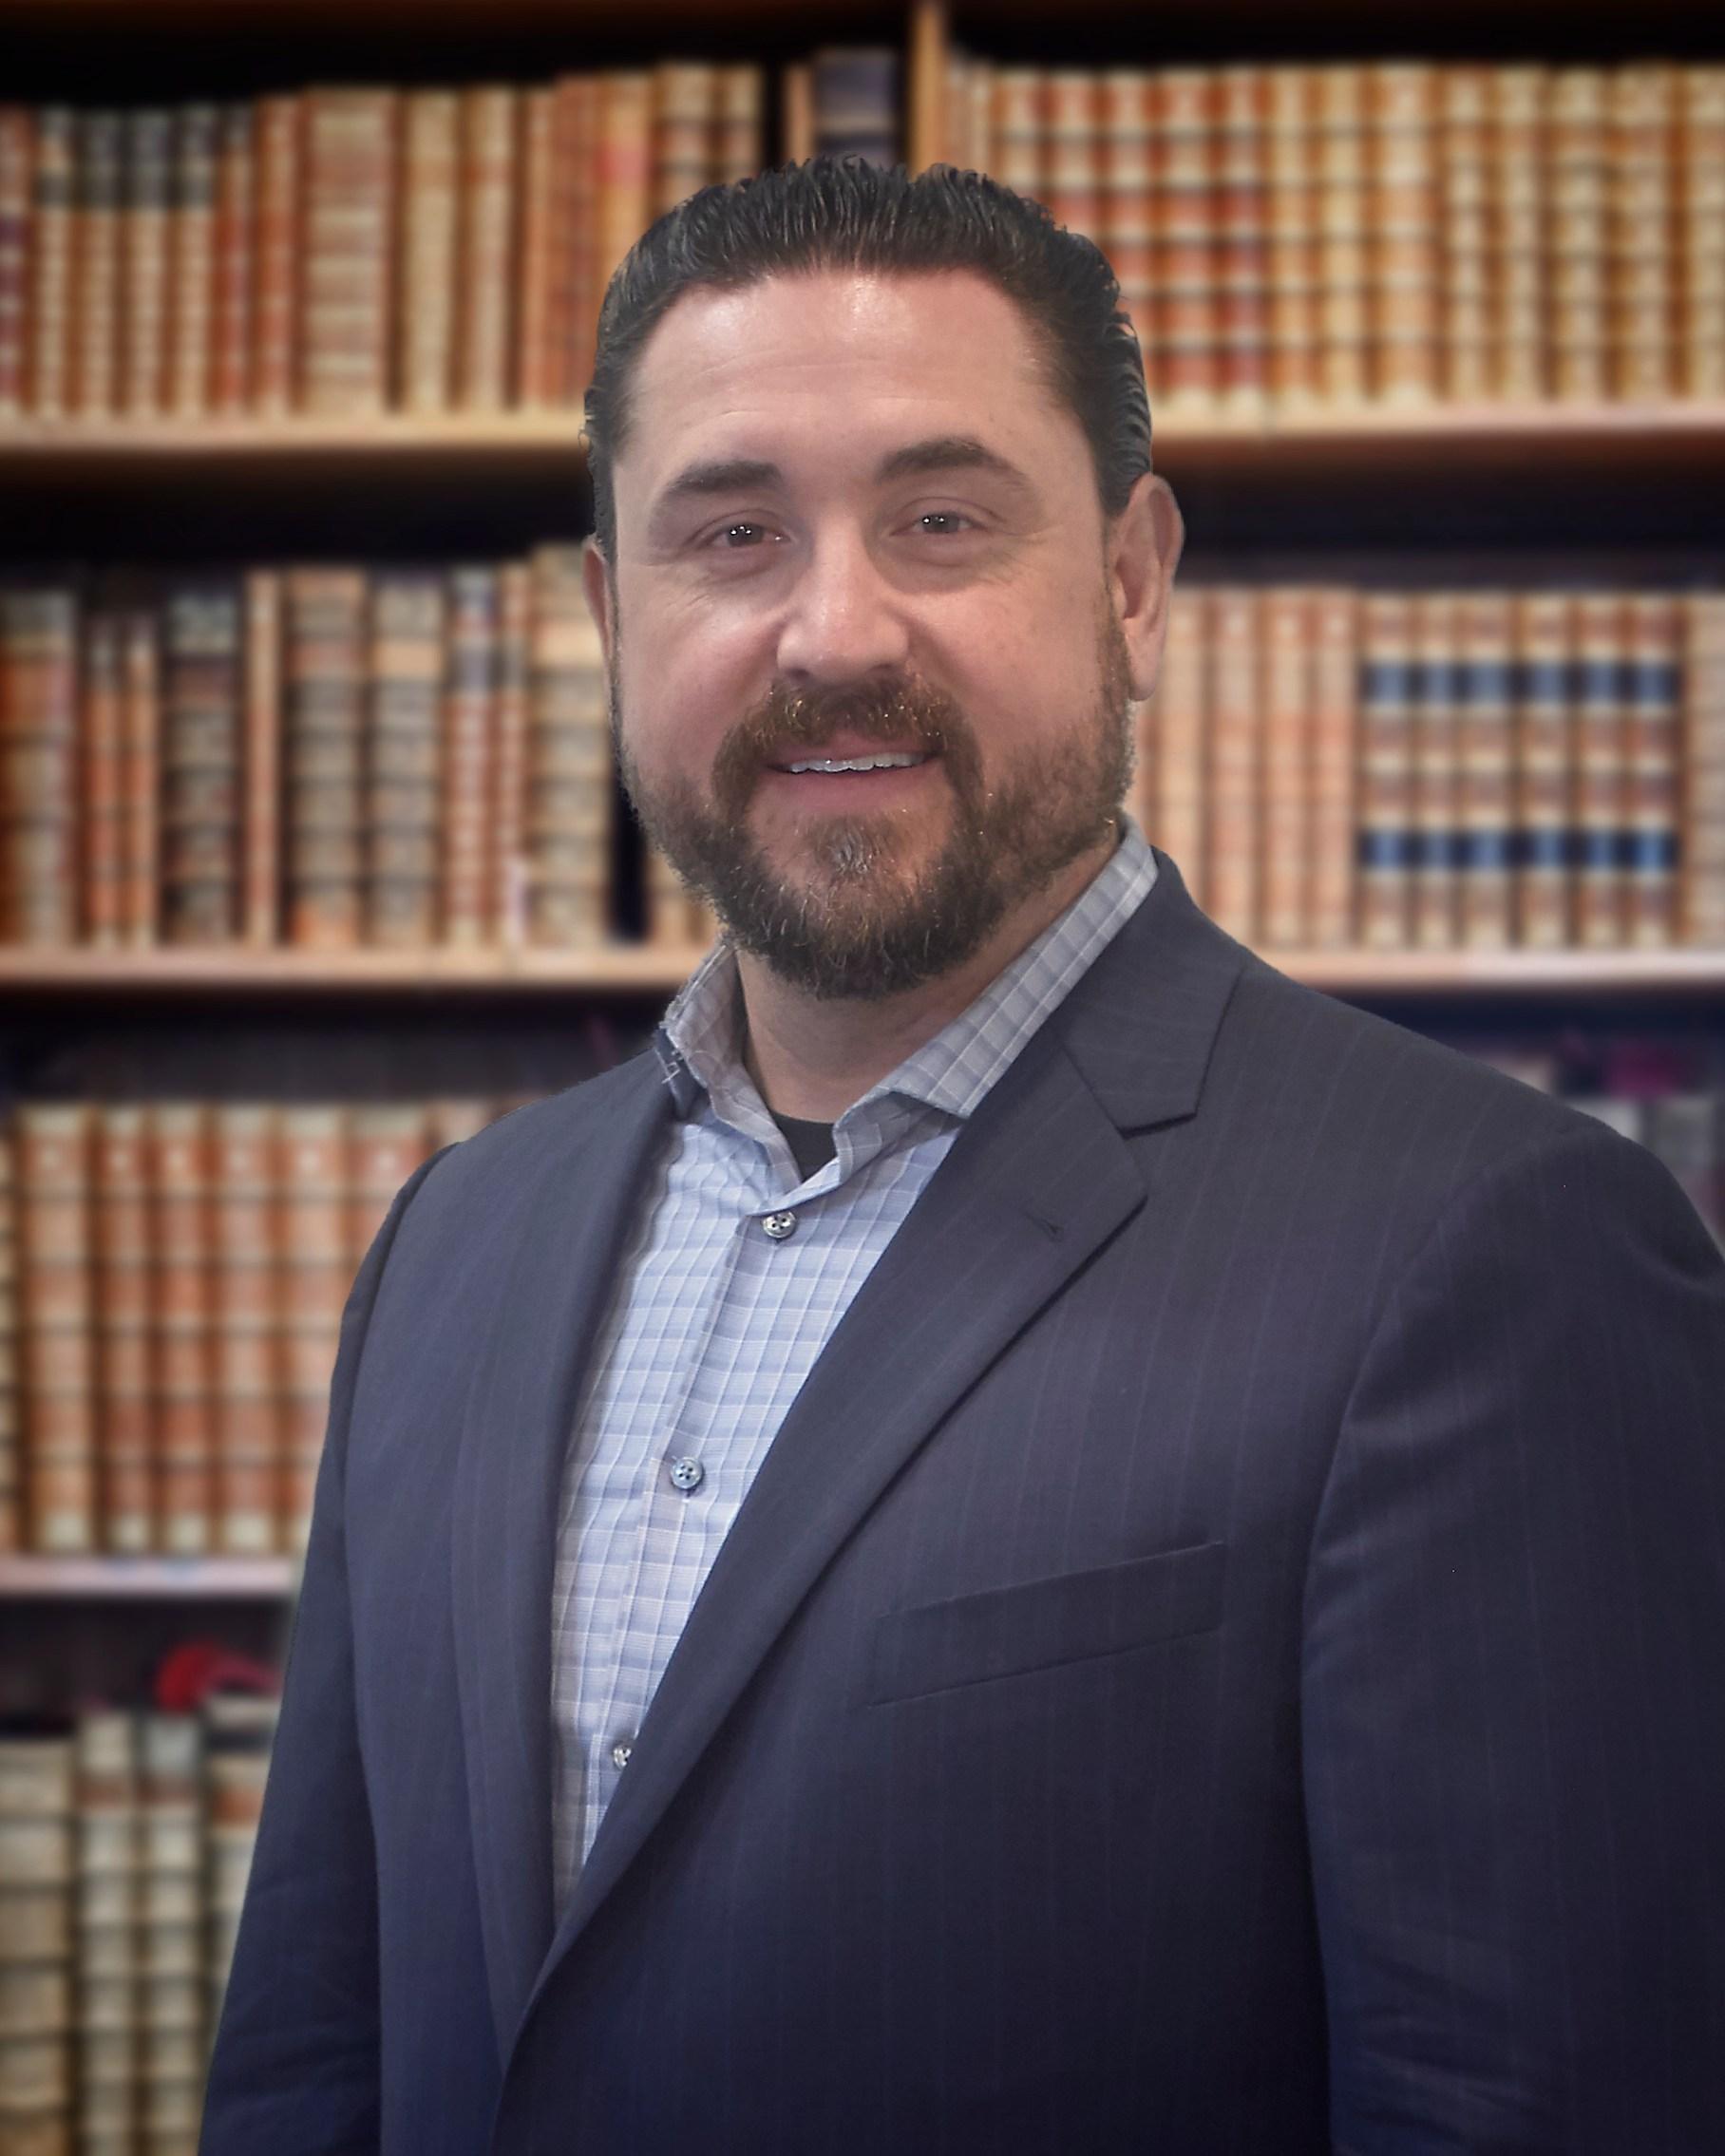 Seth Cimino